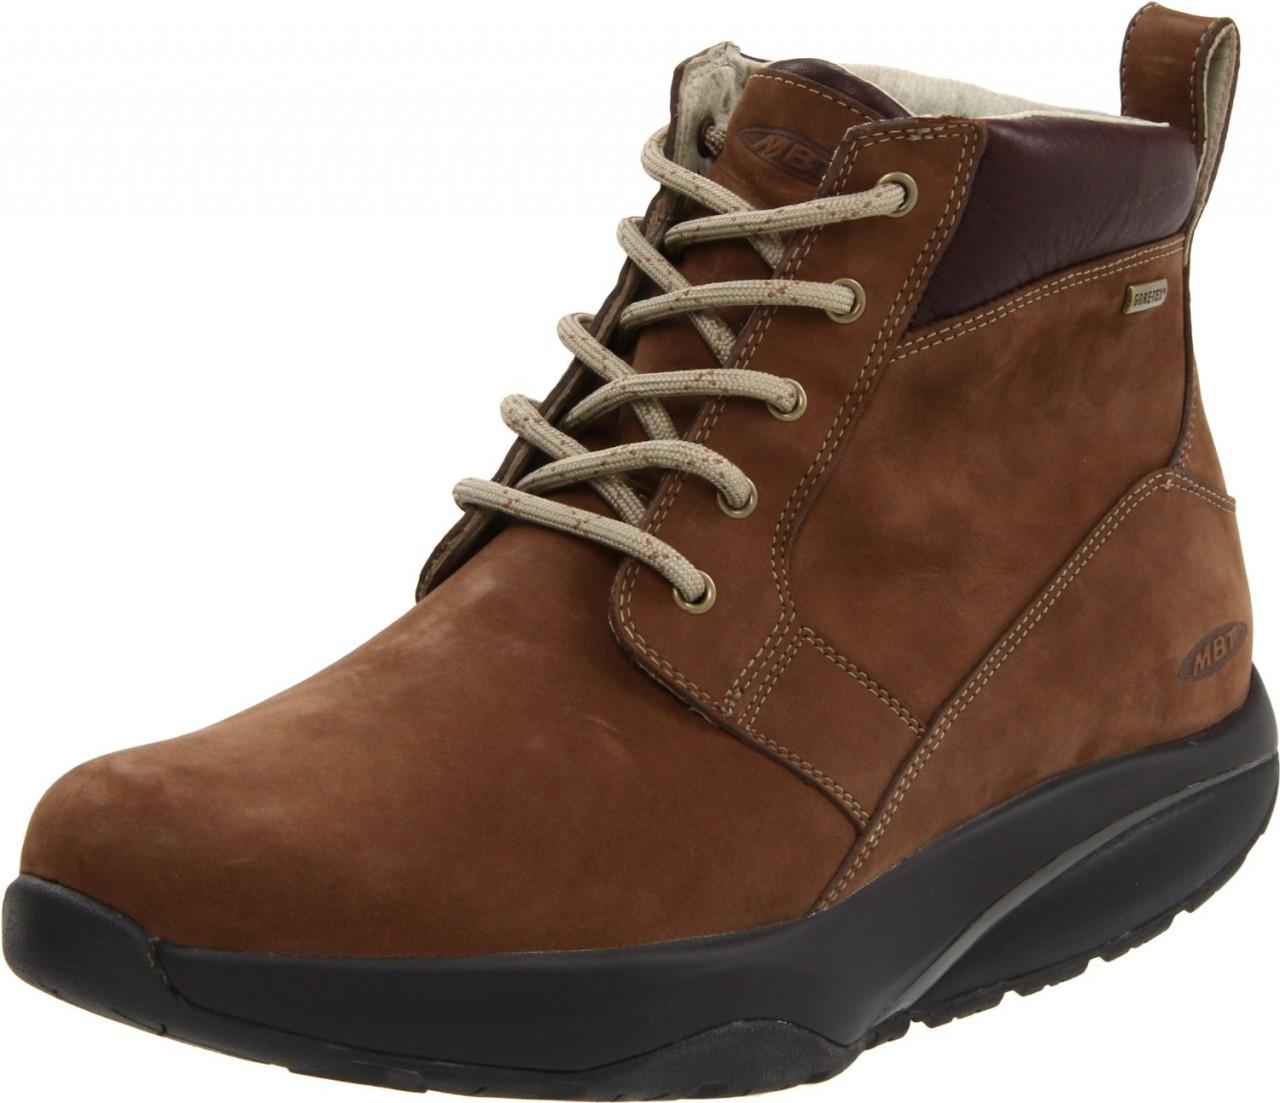 Mbt Boots